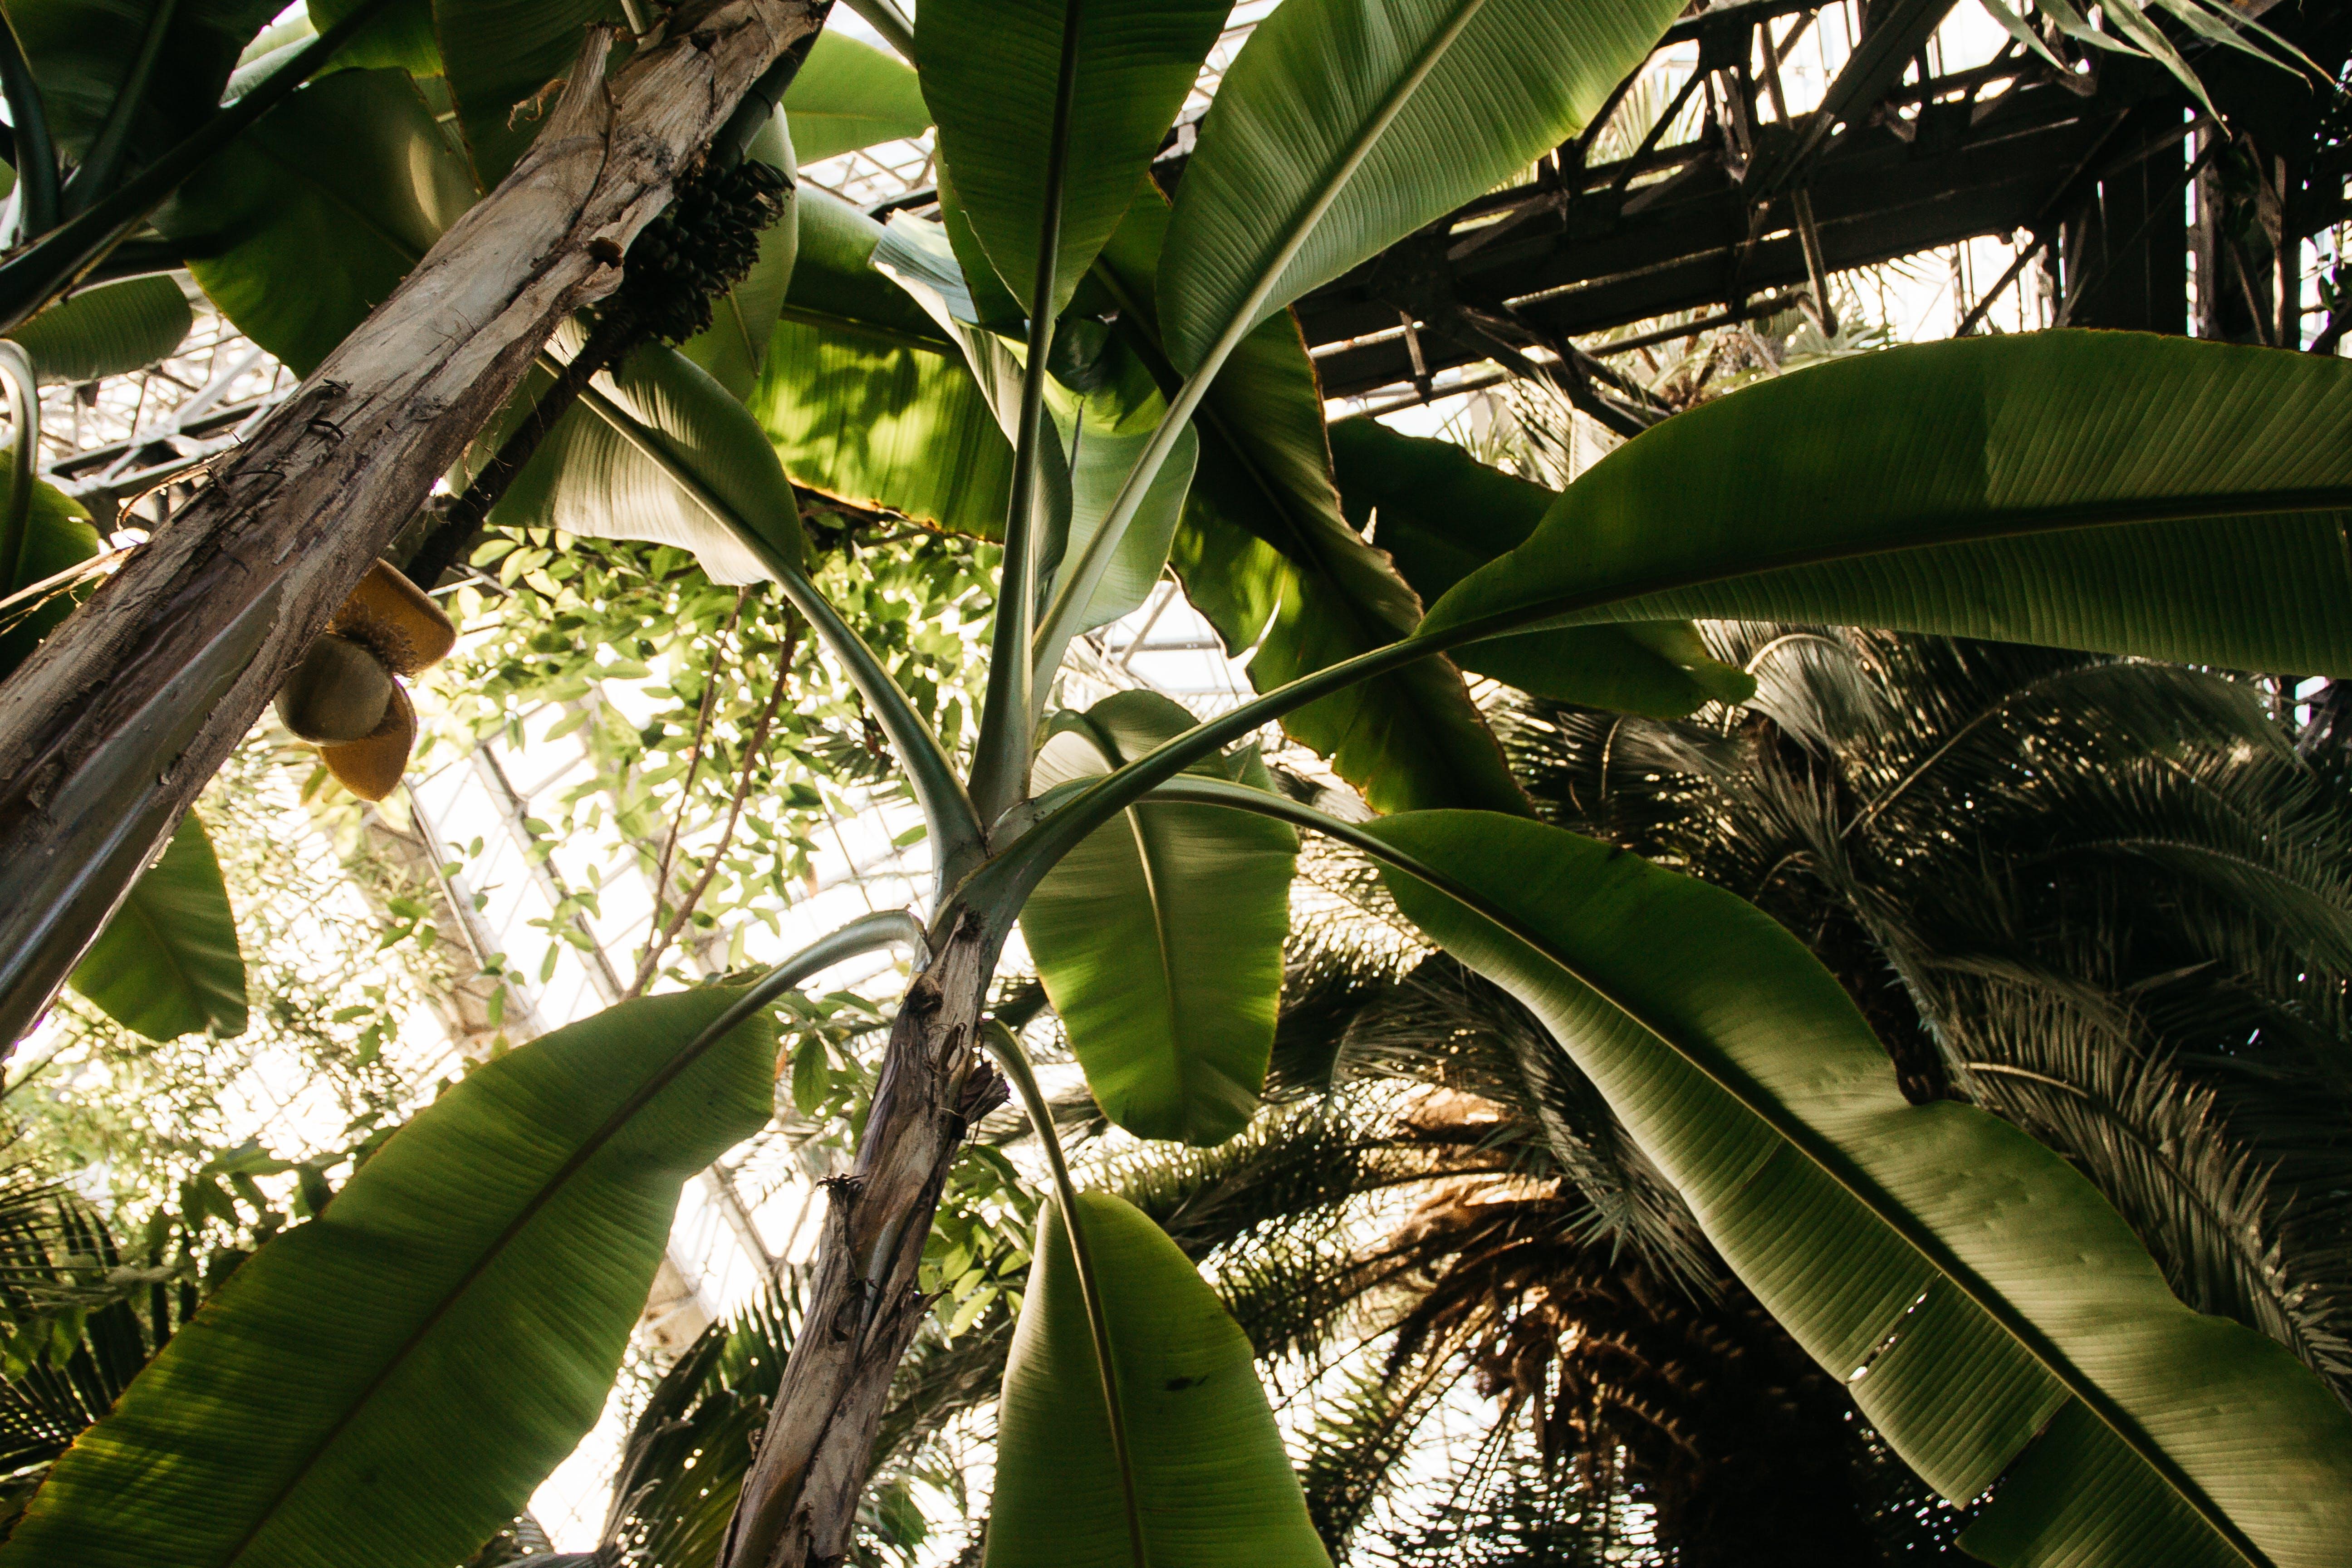 Gratis arkivbilde med anlegg, banan, blader, grønn